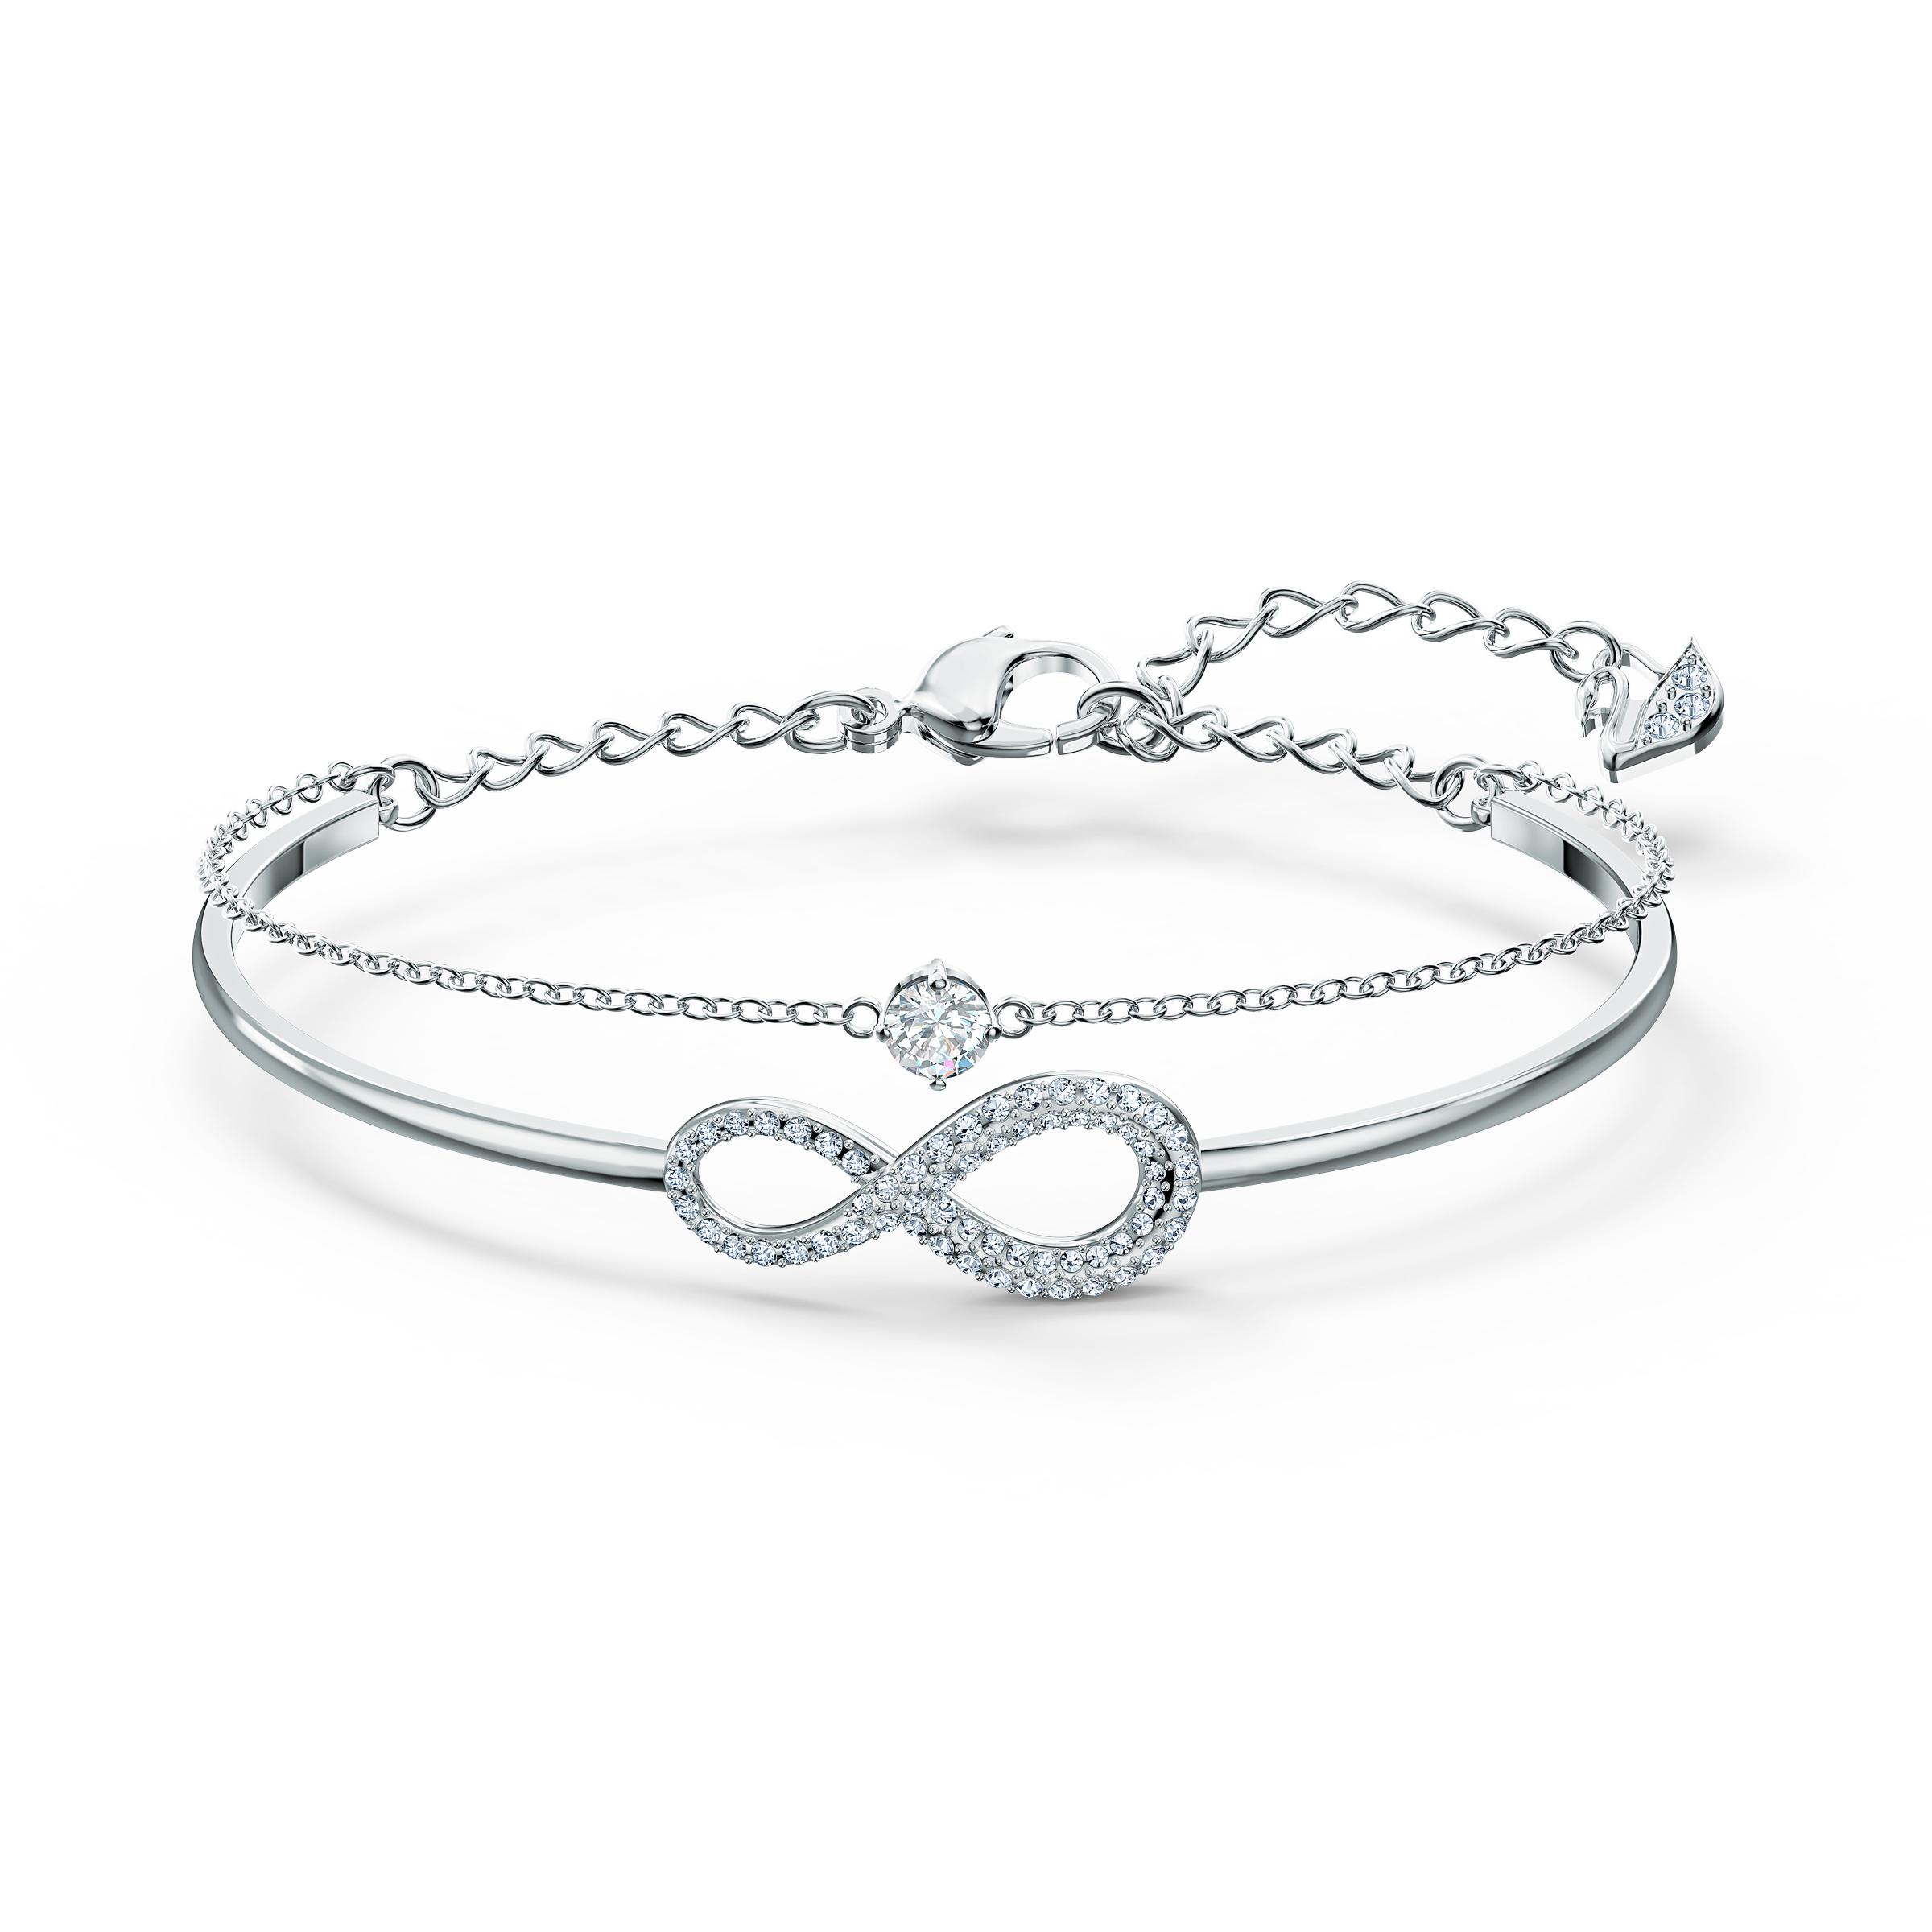 Bracelet-jonc Swarovski Infinity, blanc, métal rhodié, Swarovski